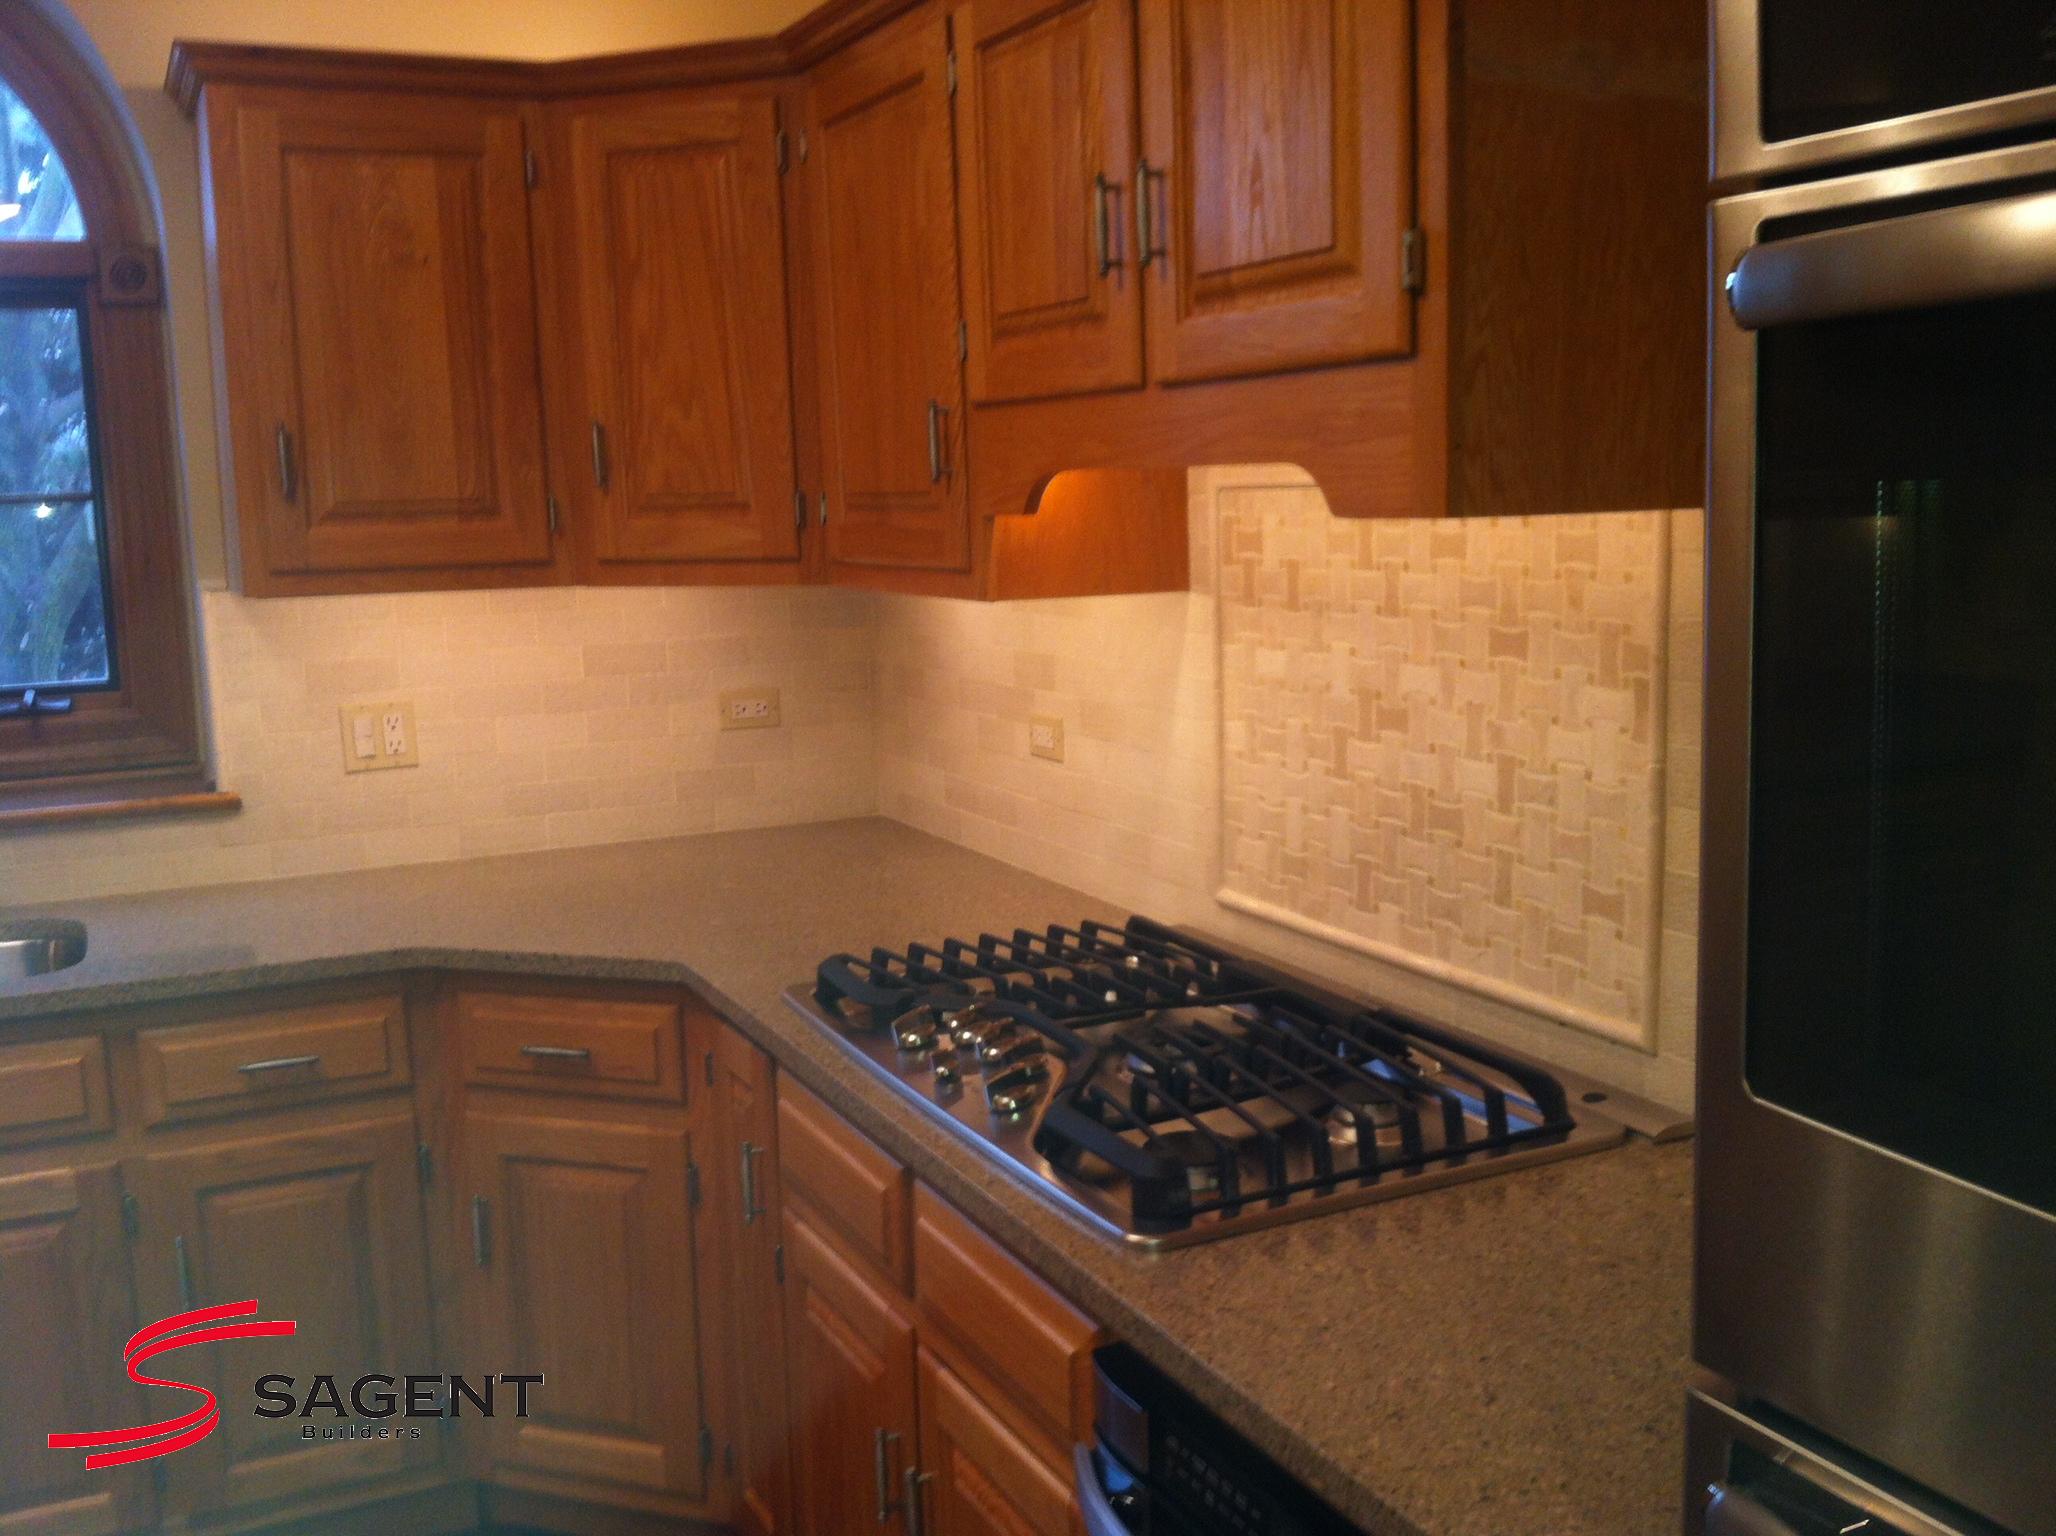 Sagentbuilders Com Seagull Under Cabinet Low Voltage Led Lighting Home Remodeling Under Cabinet Lighting Low Voltage Led Lighting